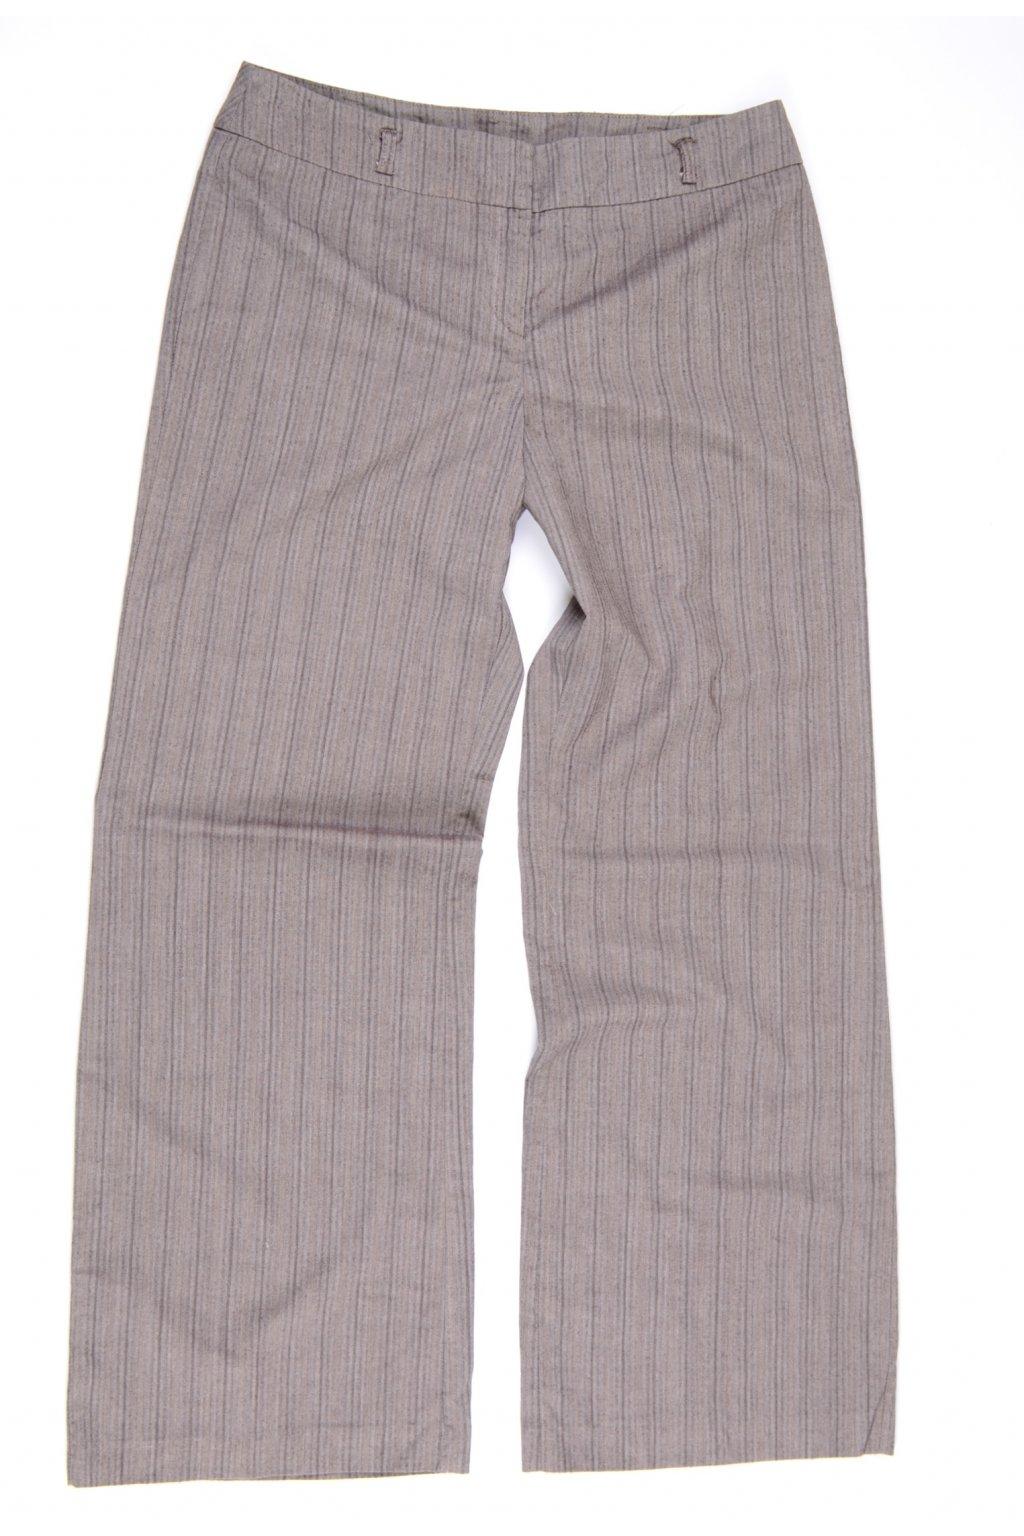 Kalhoty formální F&F M/UK12/40-42 hnědé